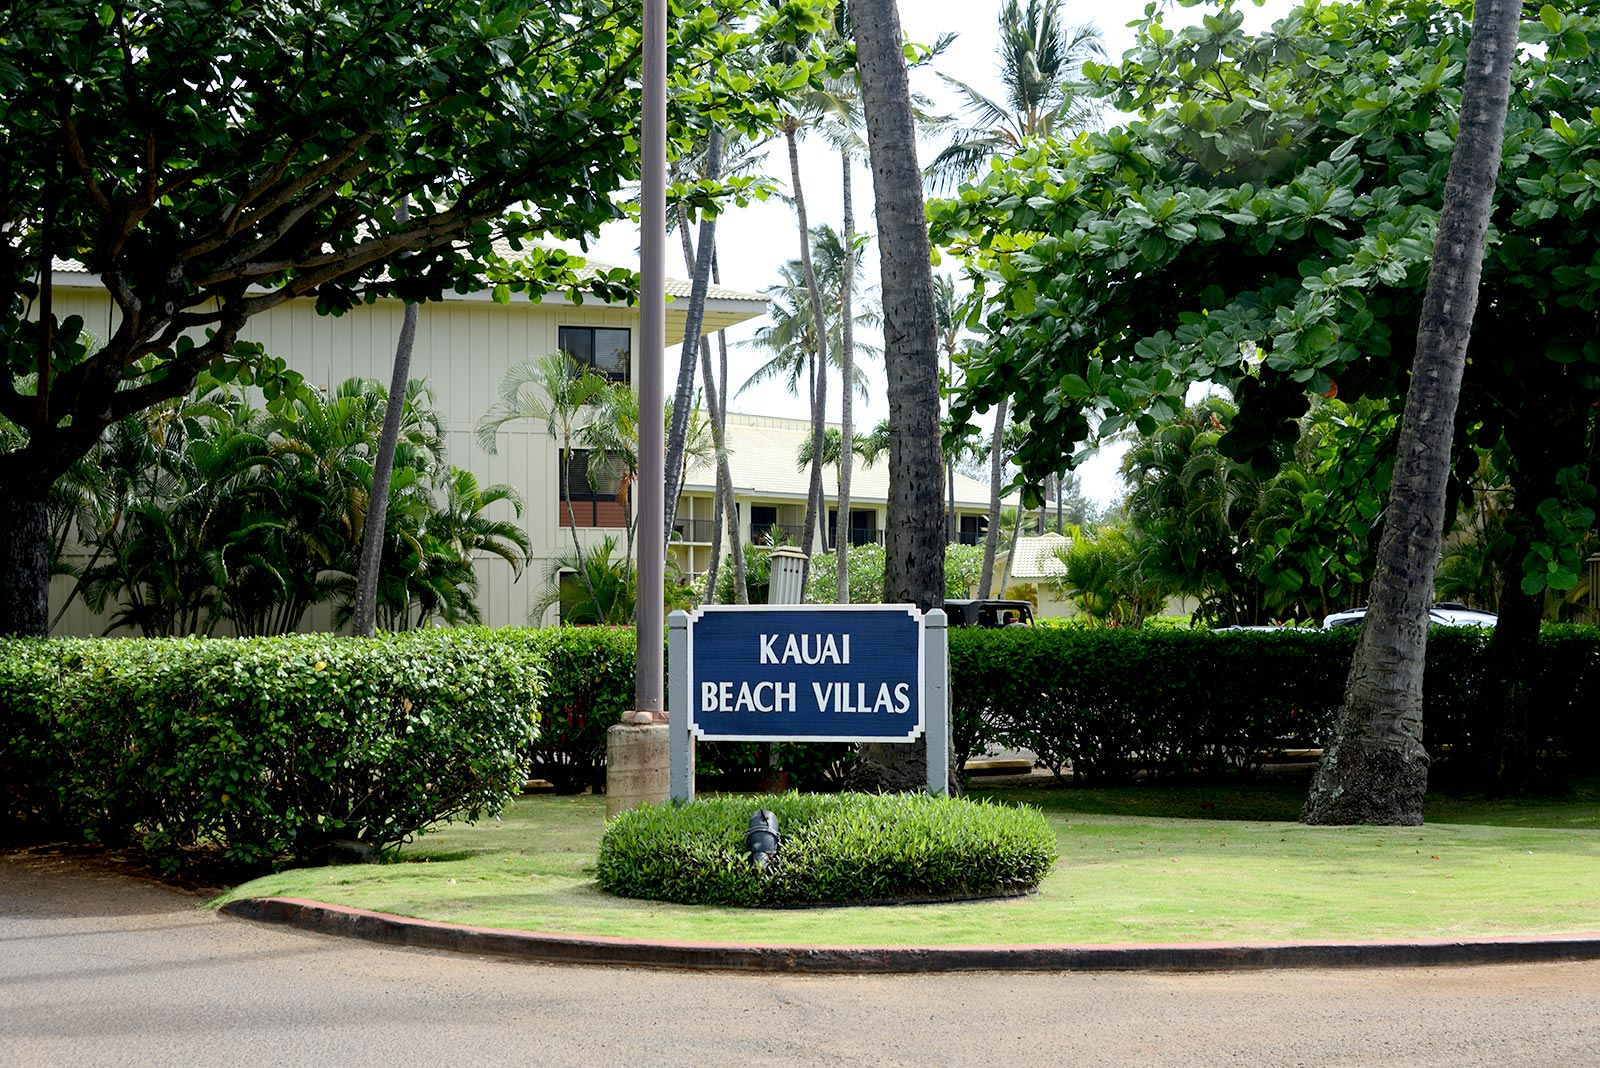 pahio-at-kauai-beach-villas-19